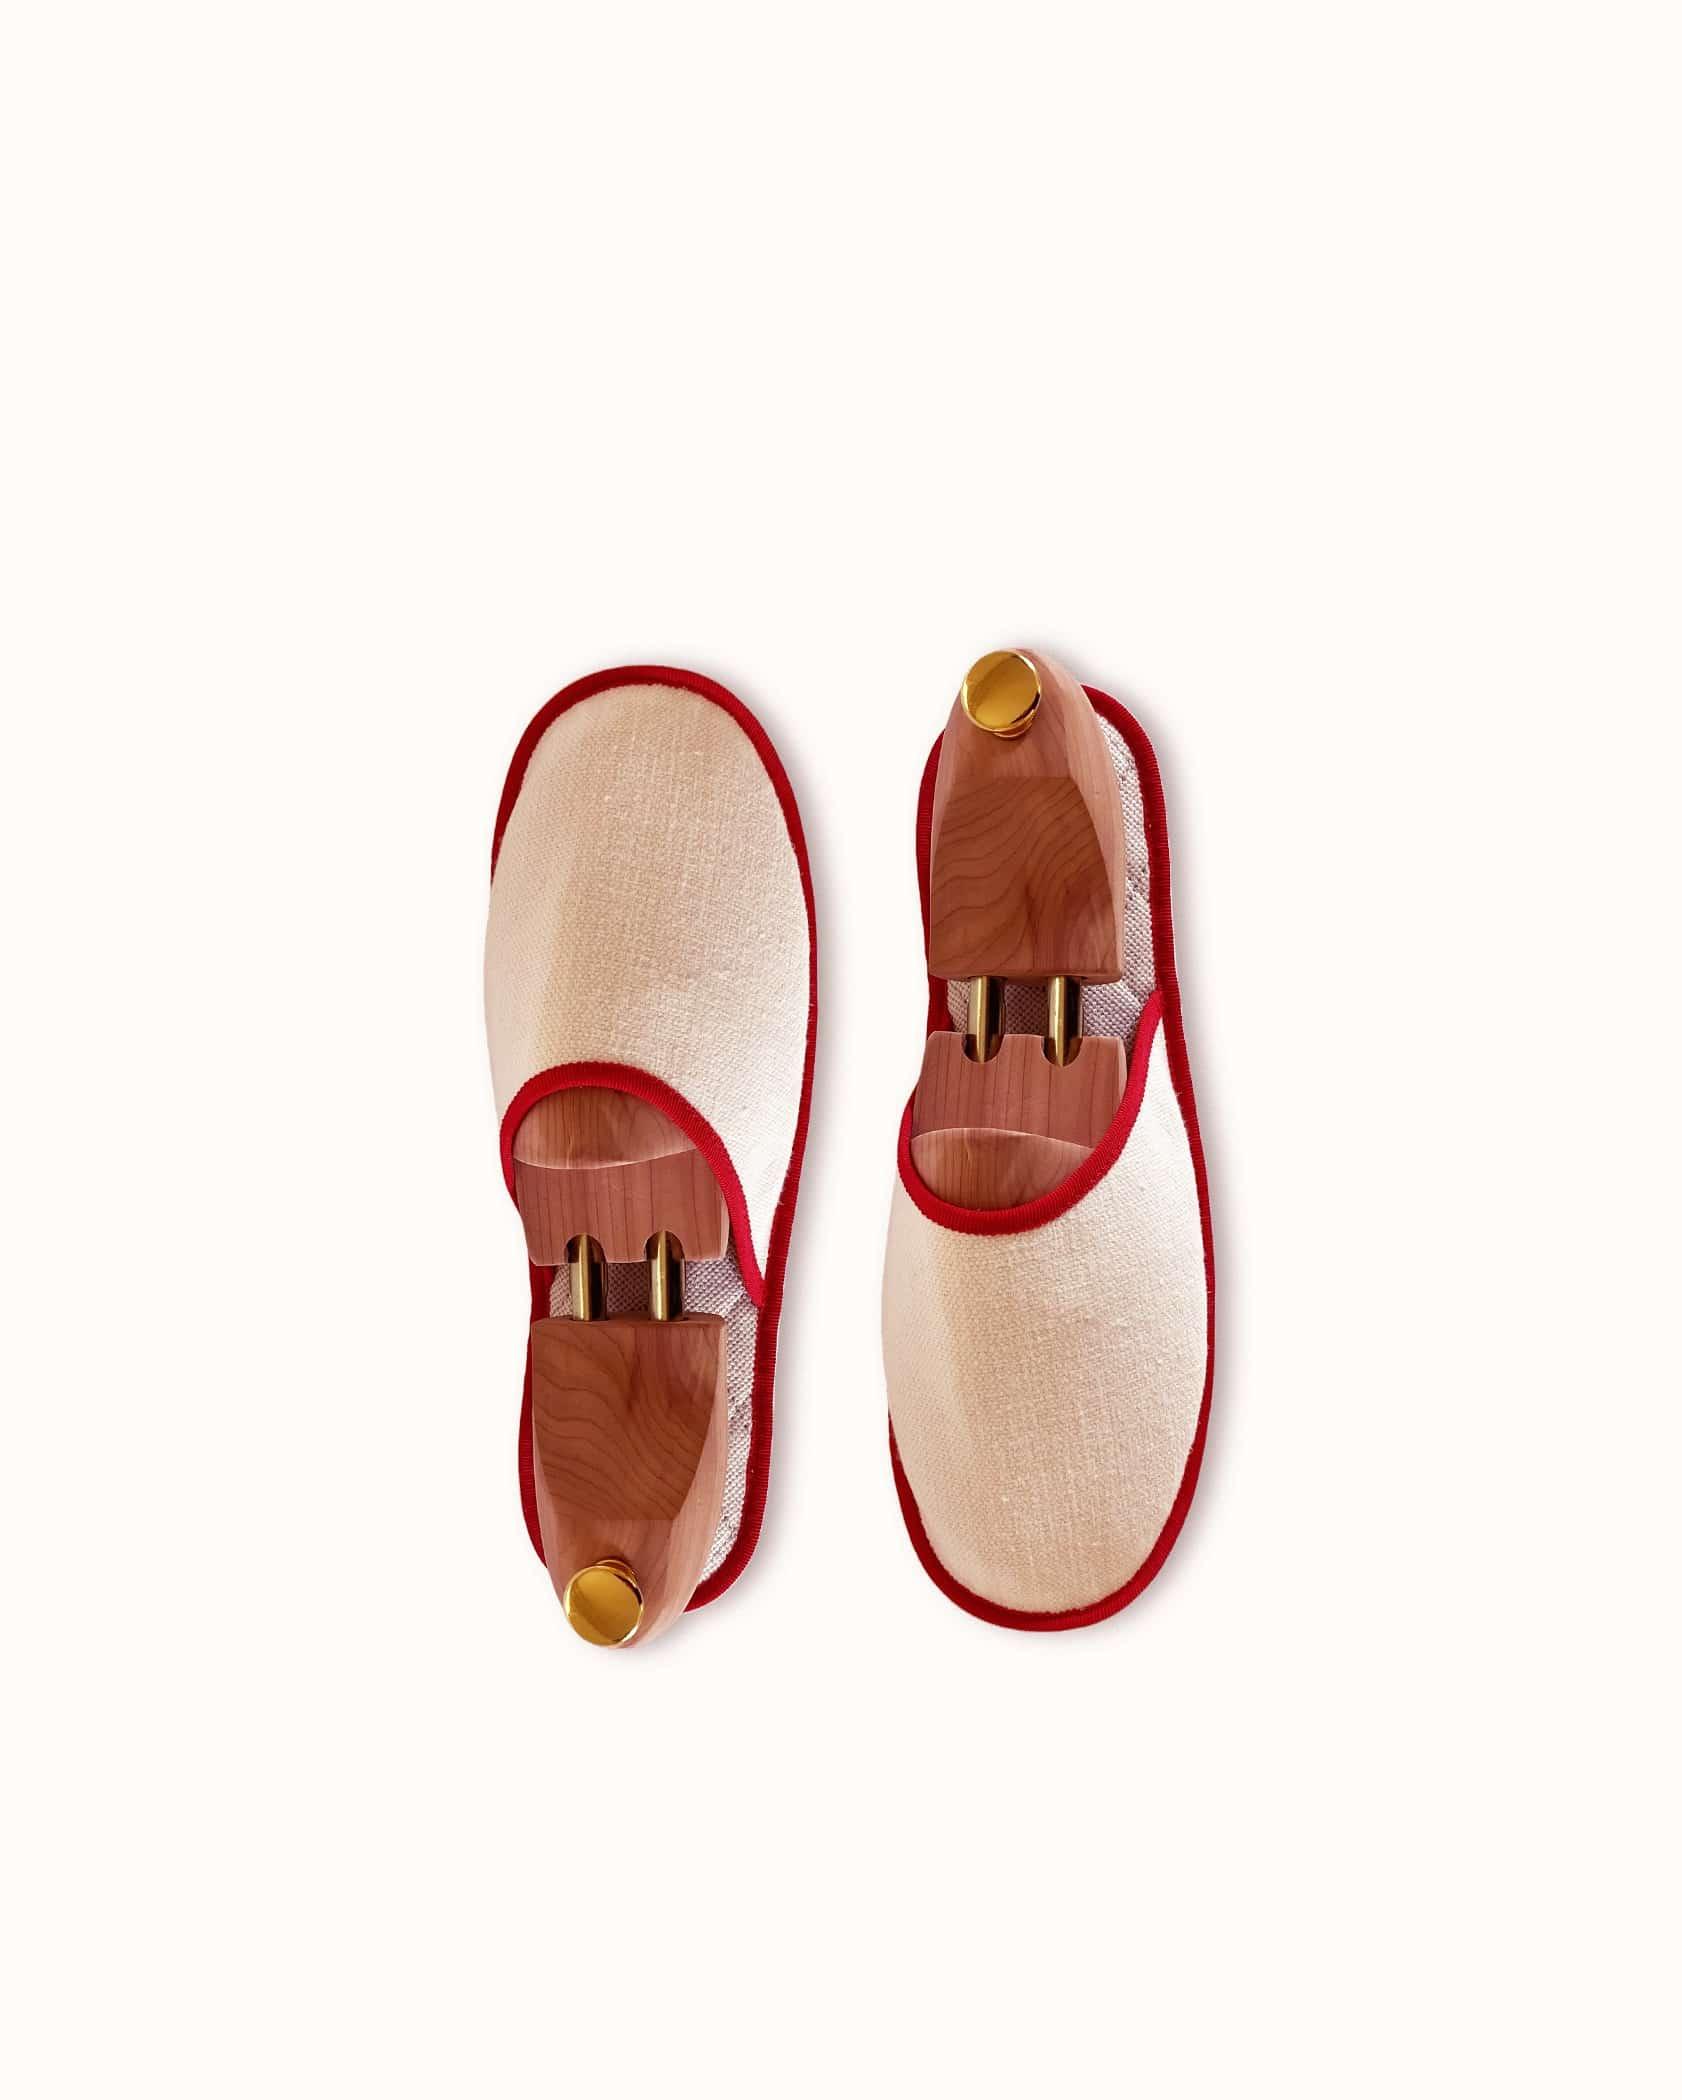 Chausson français pour homme, femme et enfant fabriqué en France. Modèle Voiello (beige et rouge), une pantoufle comme à l'hôtel vêtue d'un rembourrage matelassé et d'une finition sophistiquée.